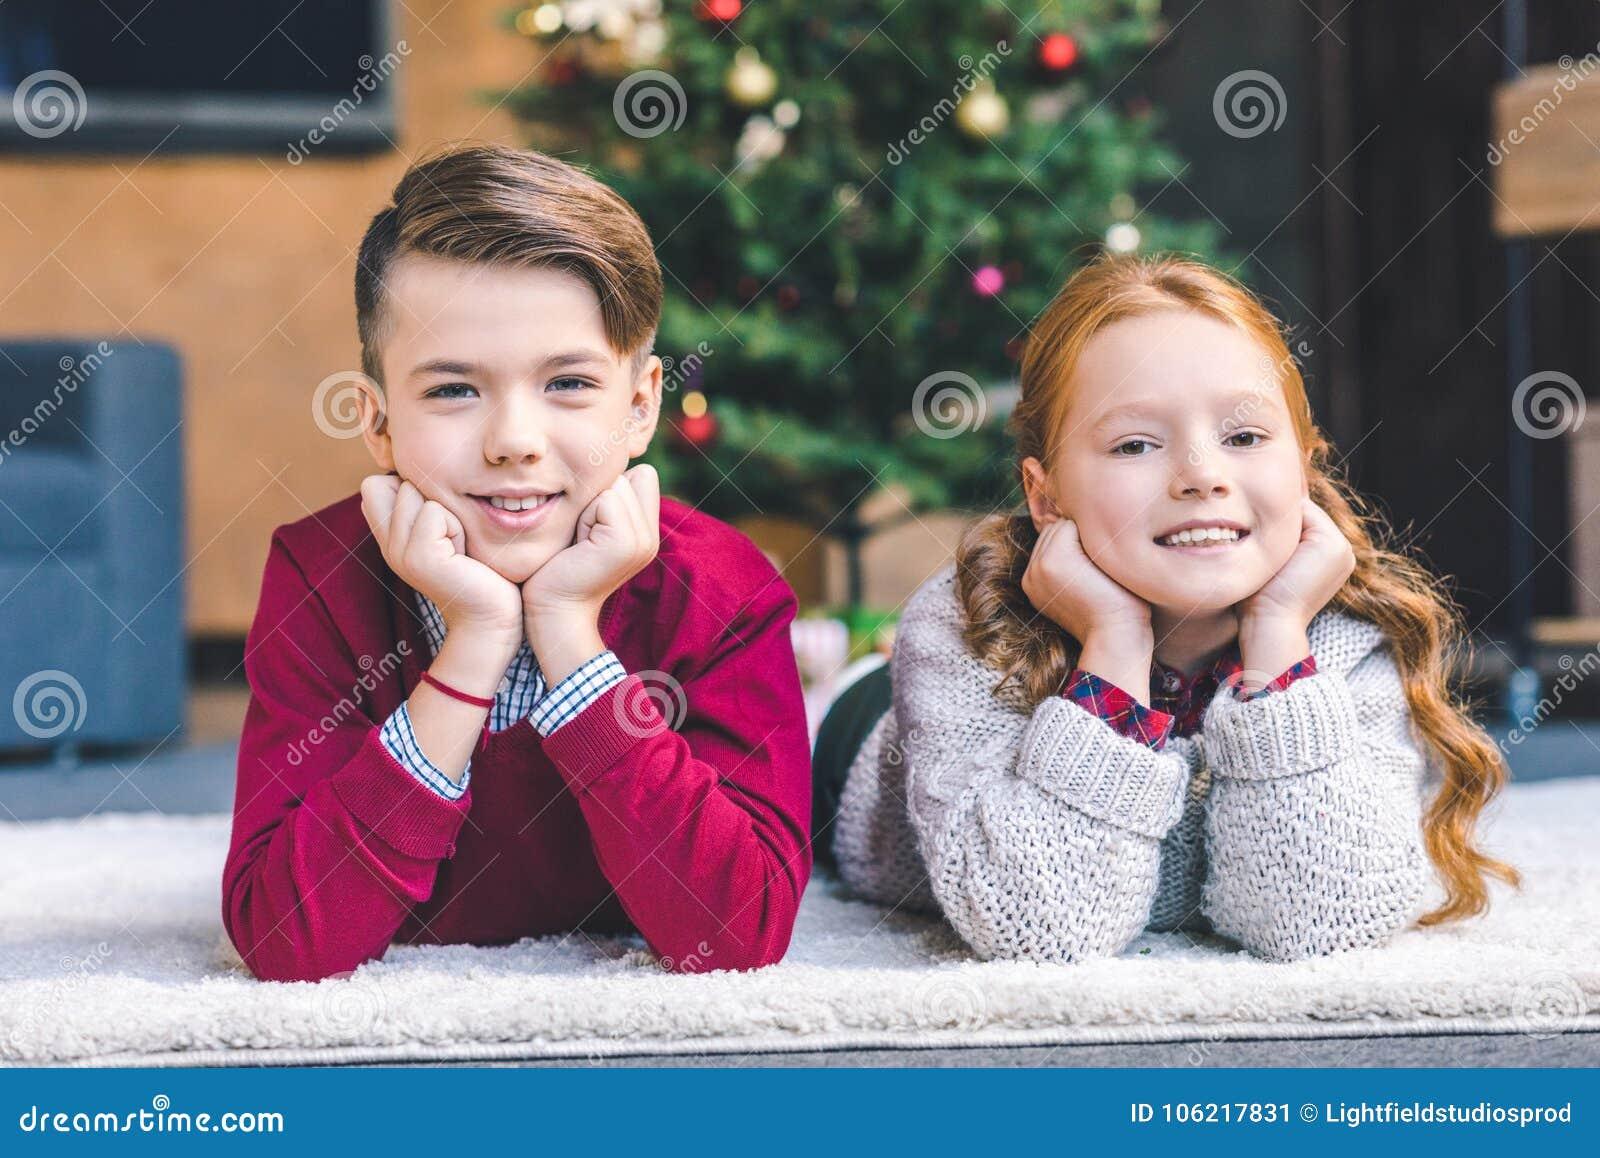 Bruder Und Schwester Streiten Und Vertragen Sich